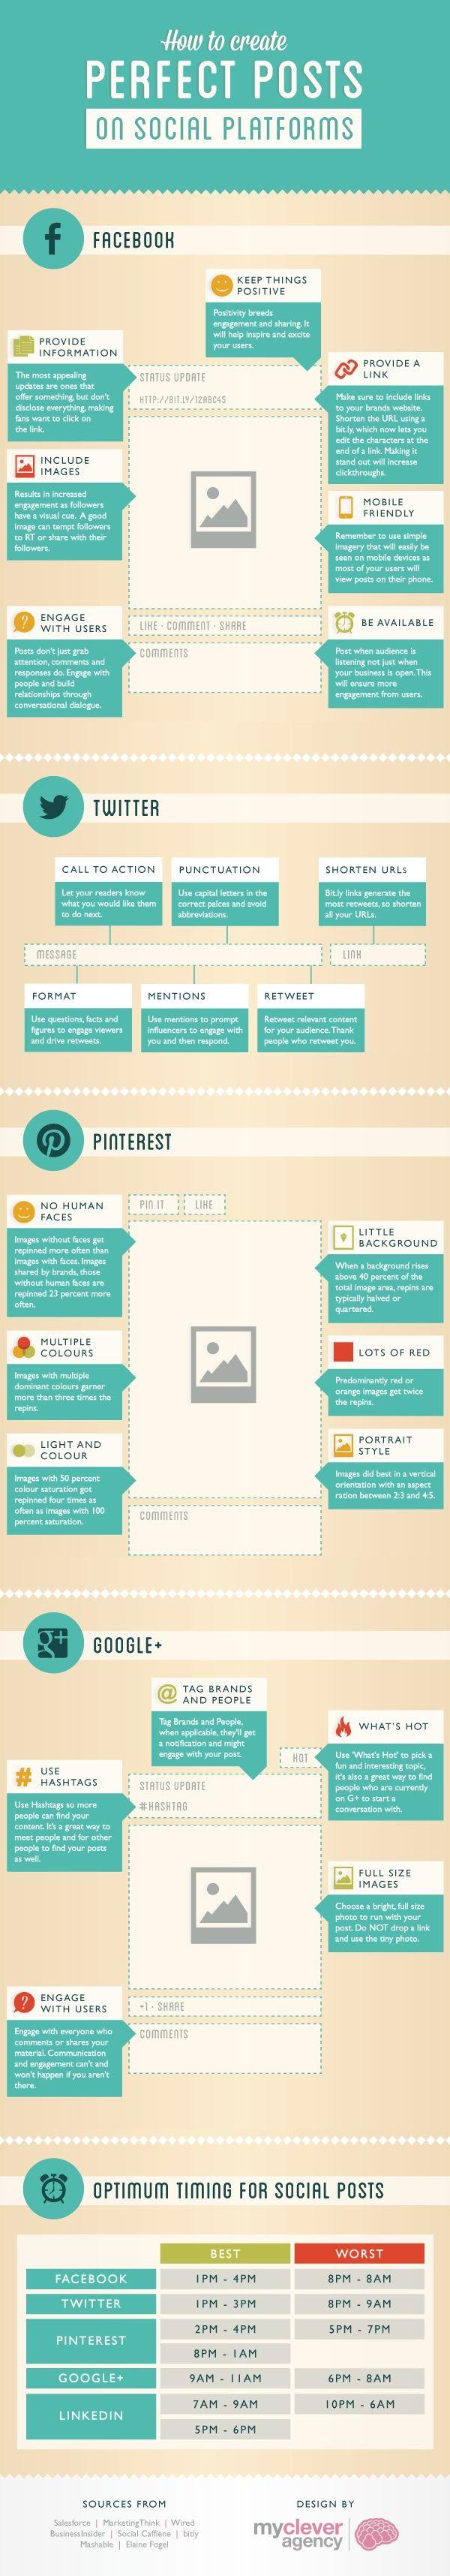 ¿Cómo crear posts perfectos para #redessociales? #infografia